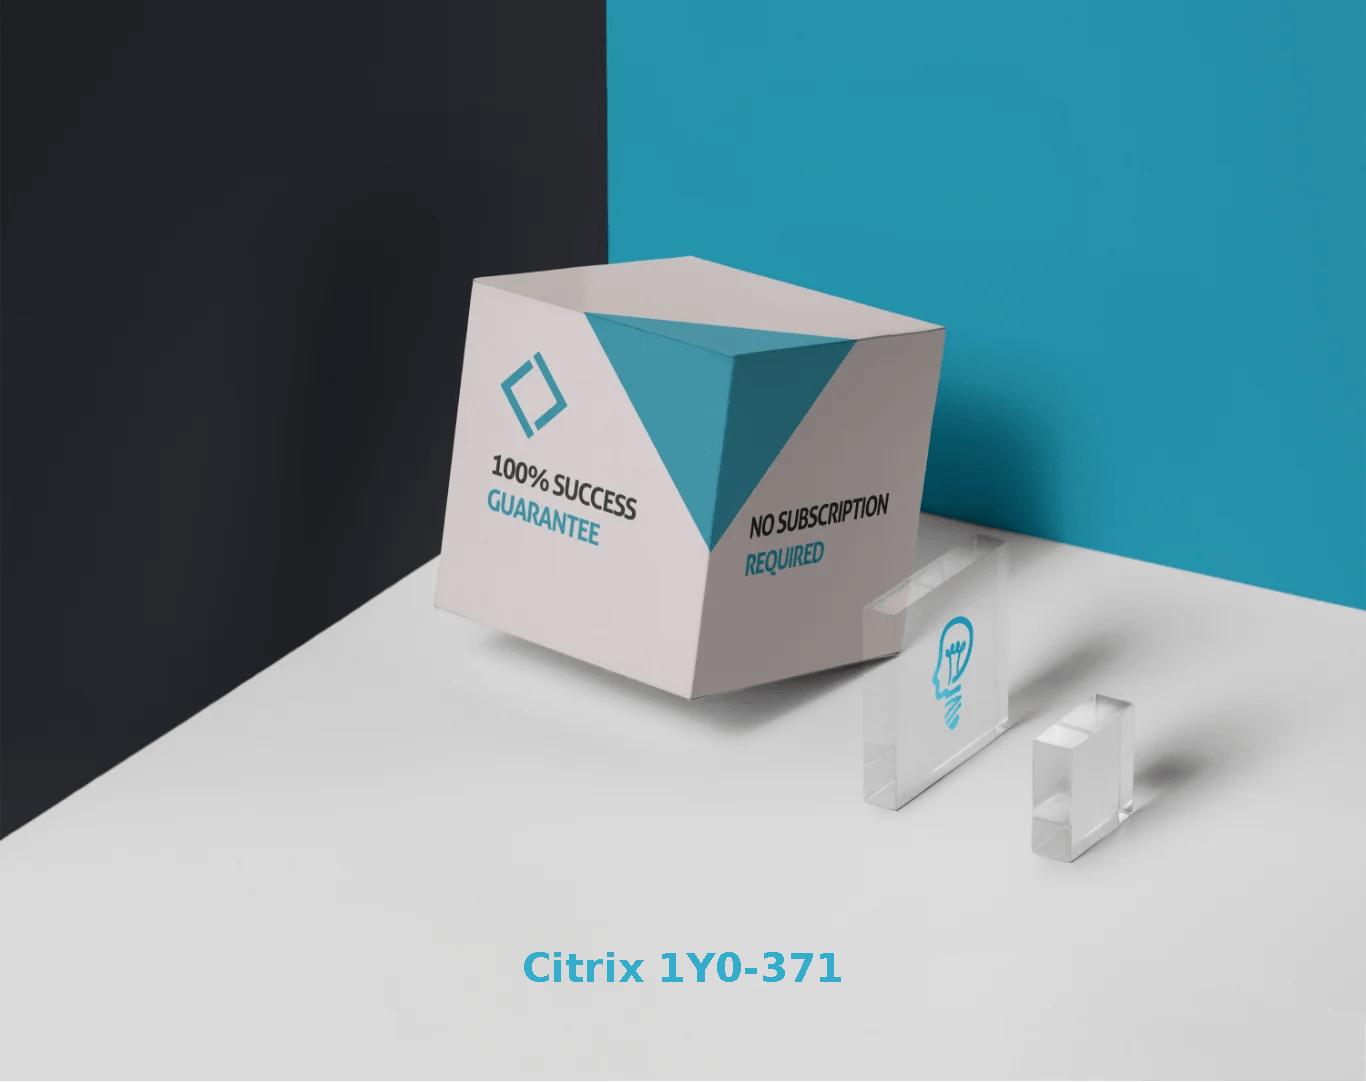 Citrix 1Y0-371 Exams